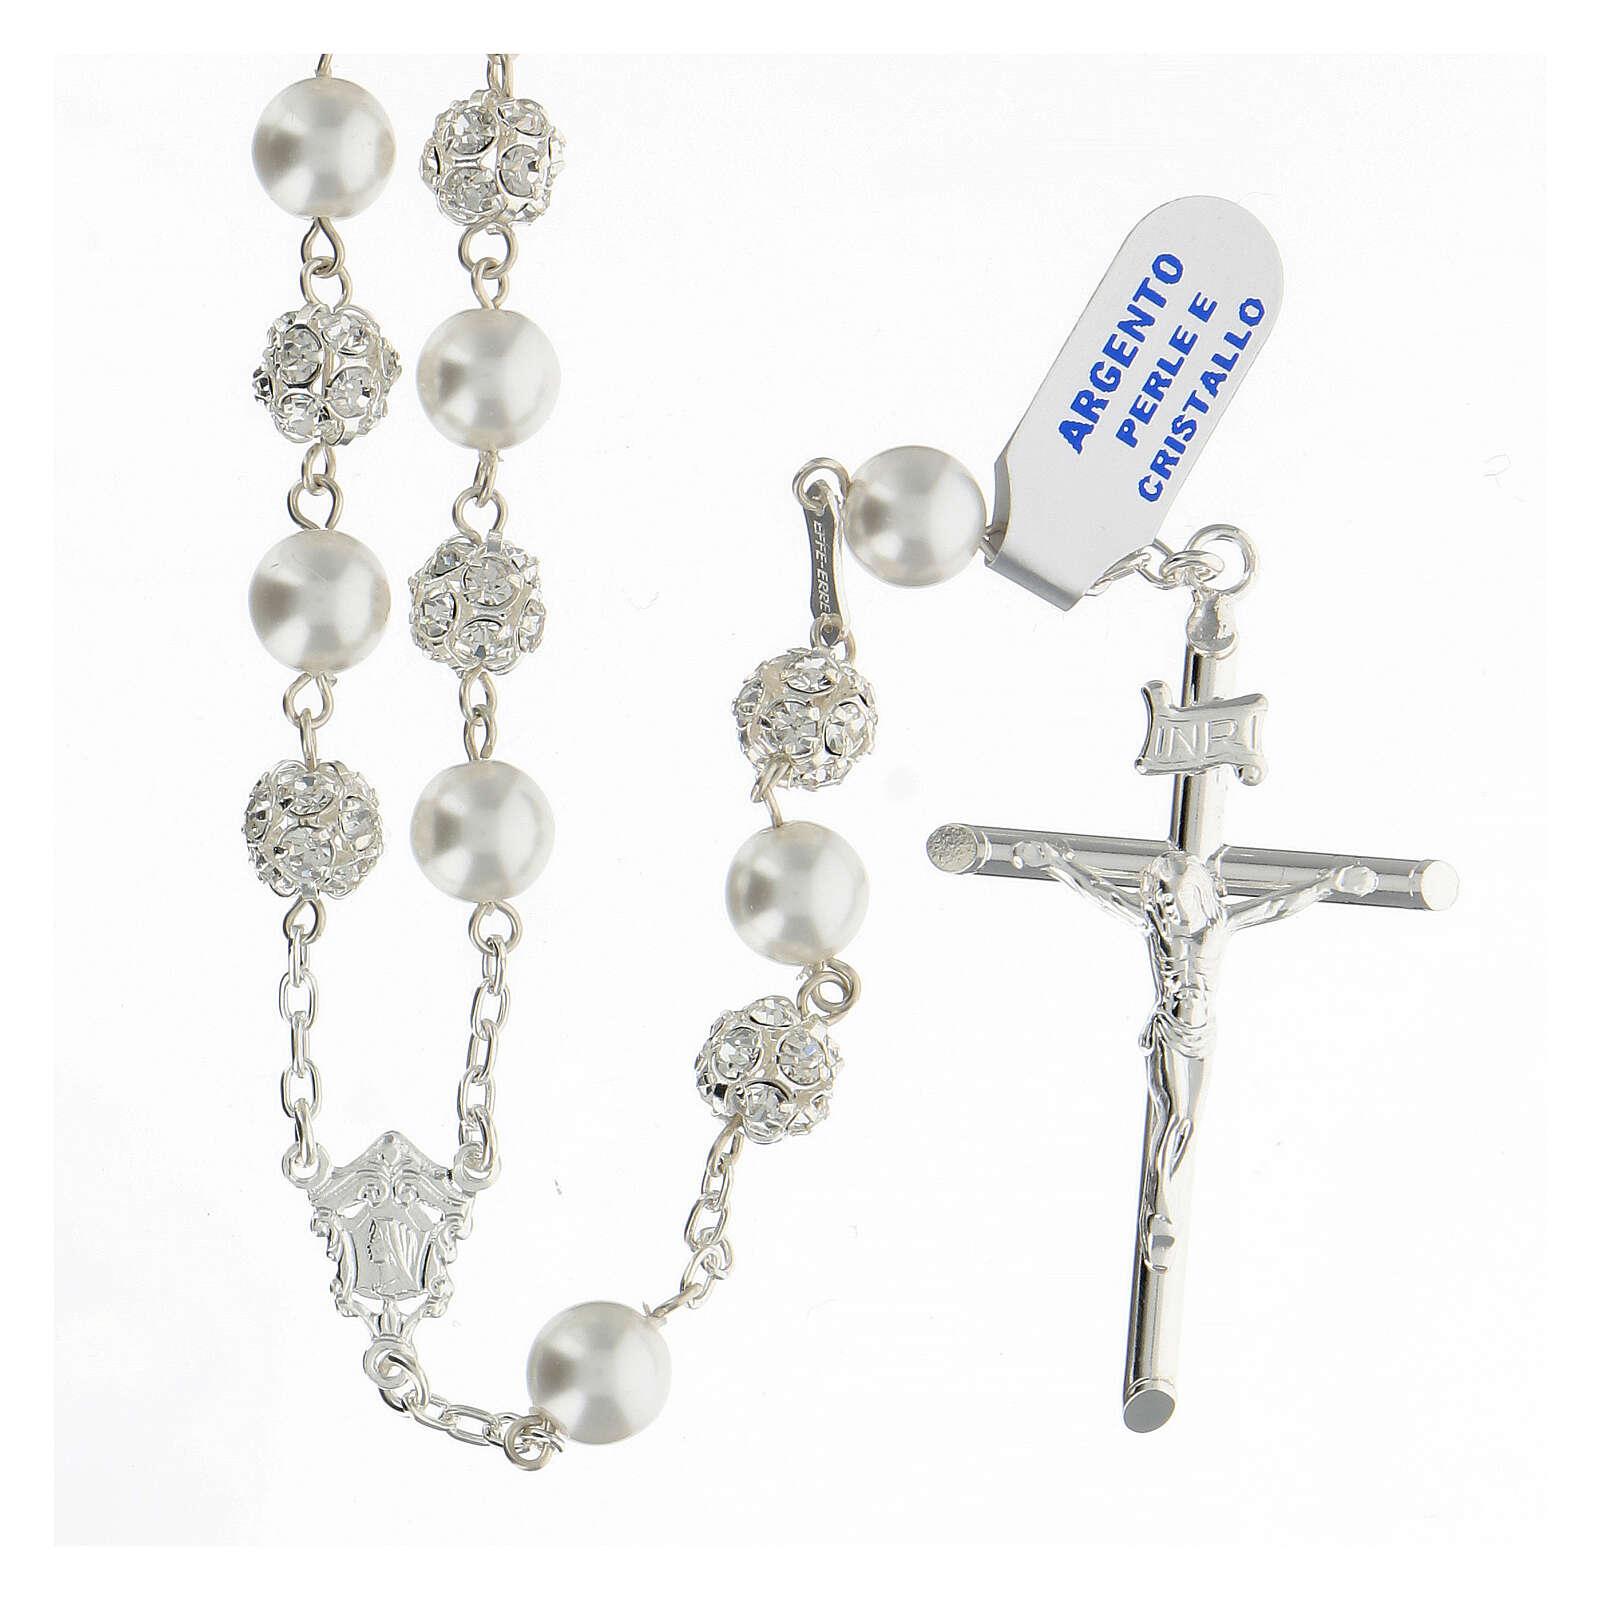 Rosario perle cristalli 8 mm argento 925 crociera profilo Maria 4